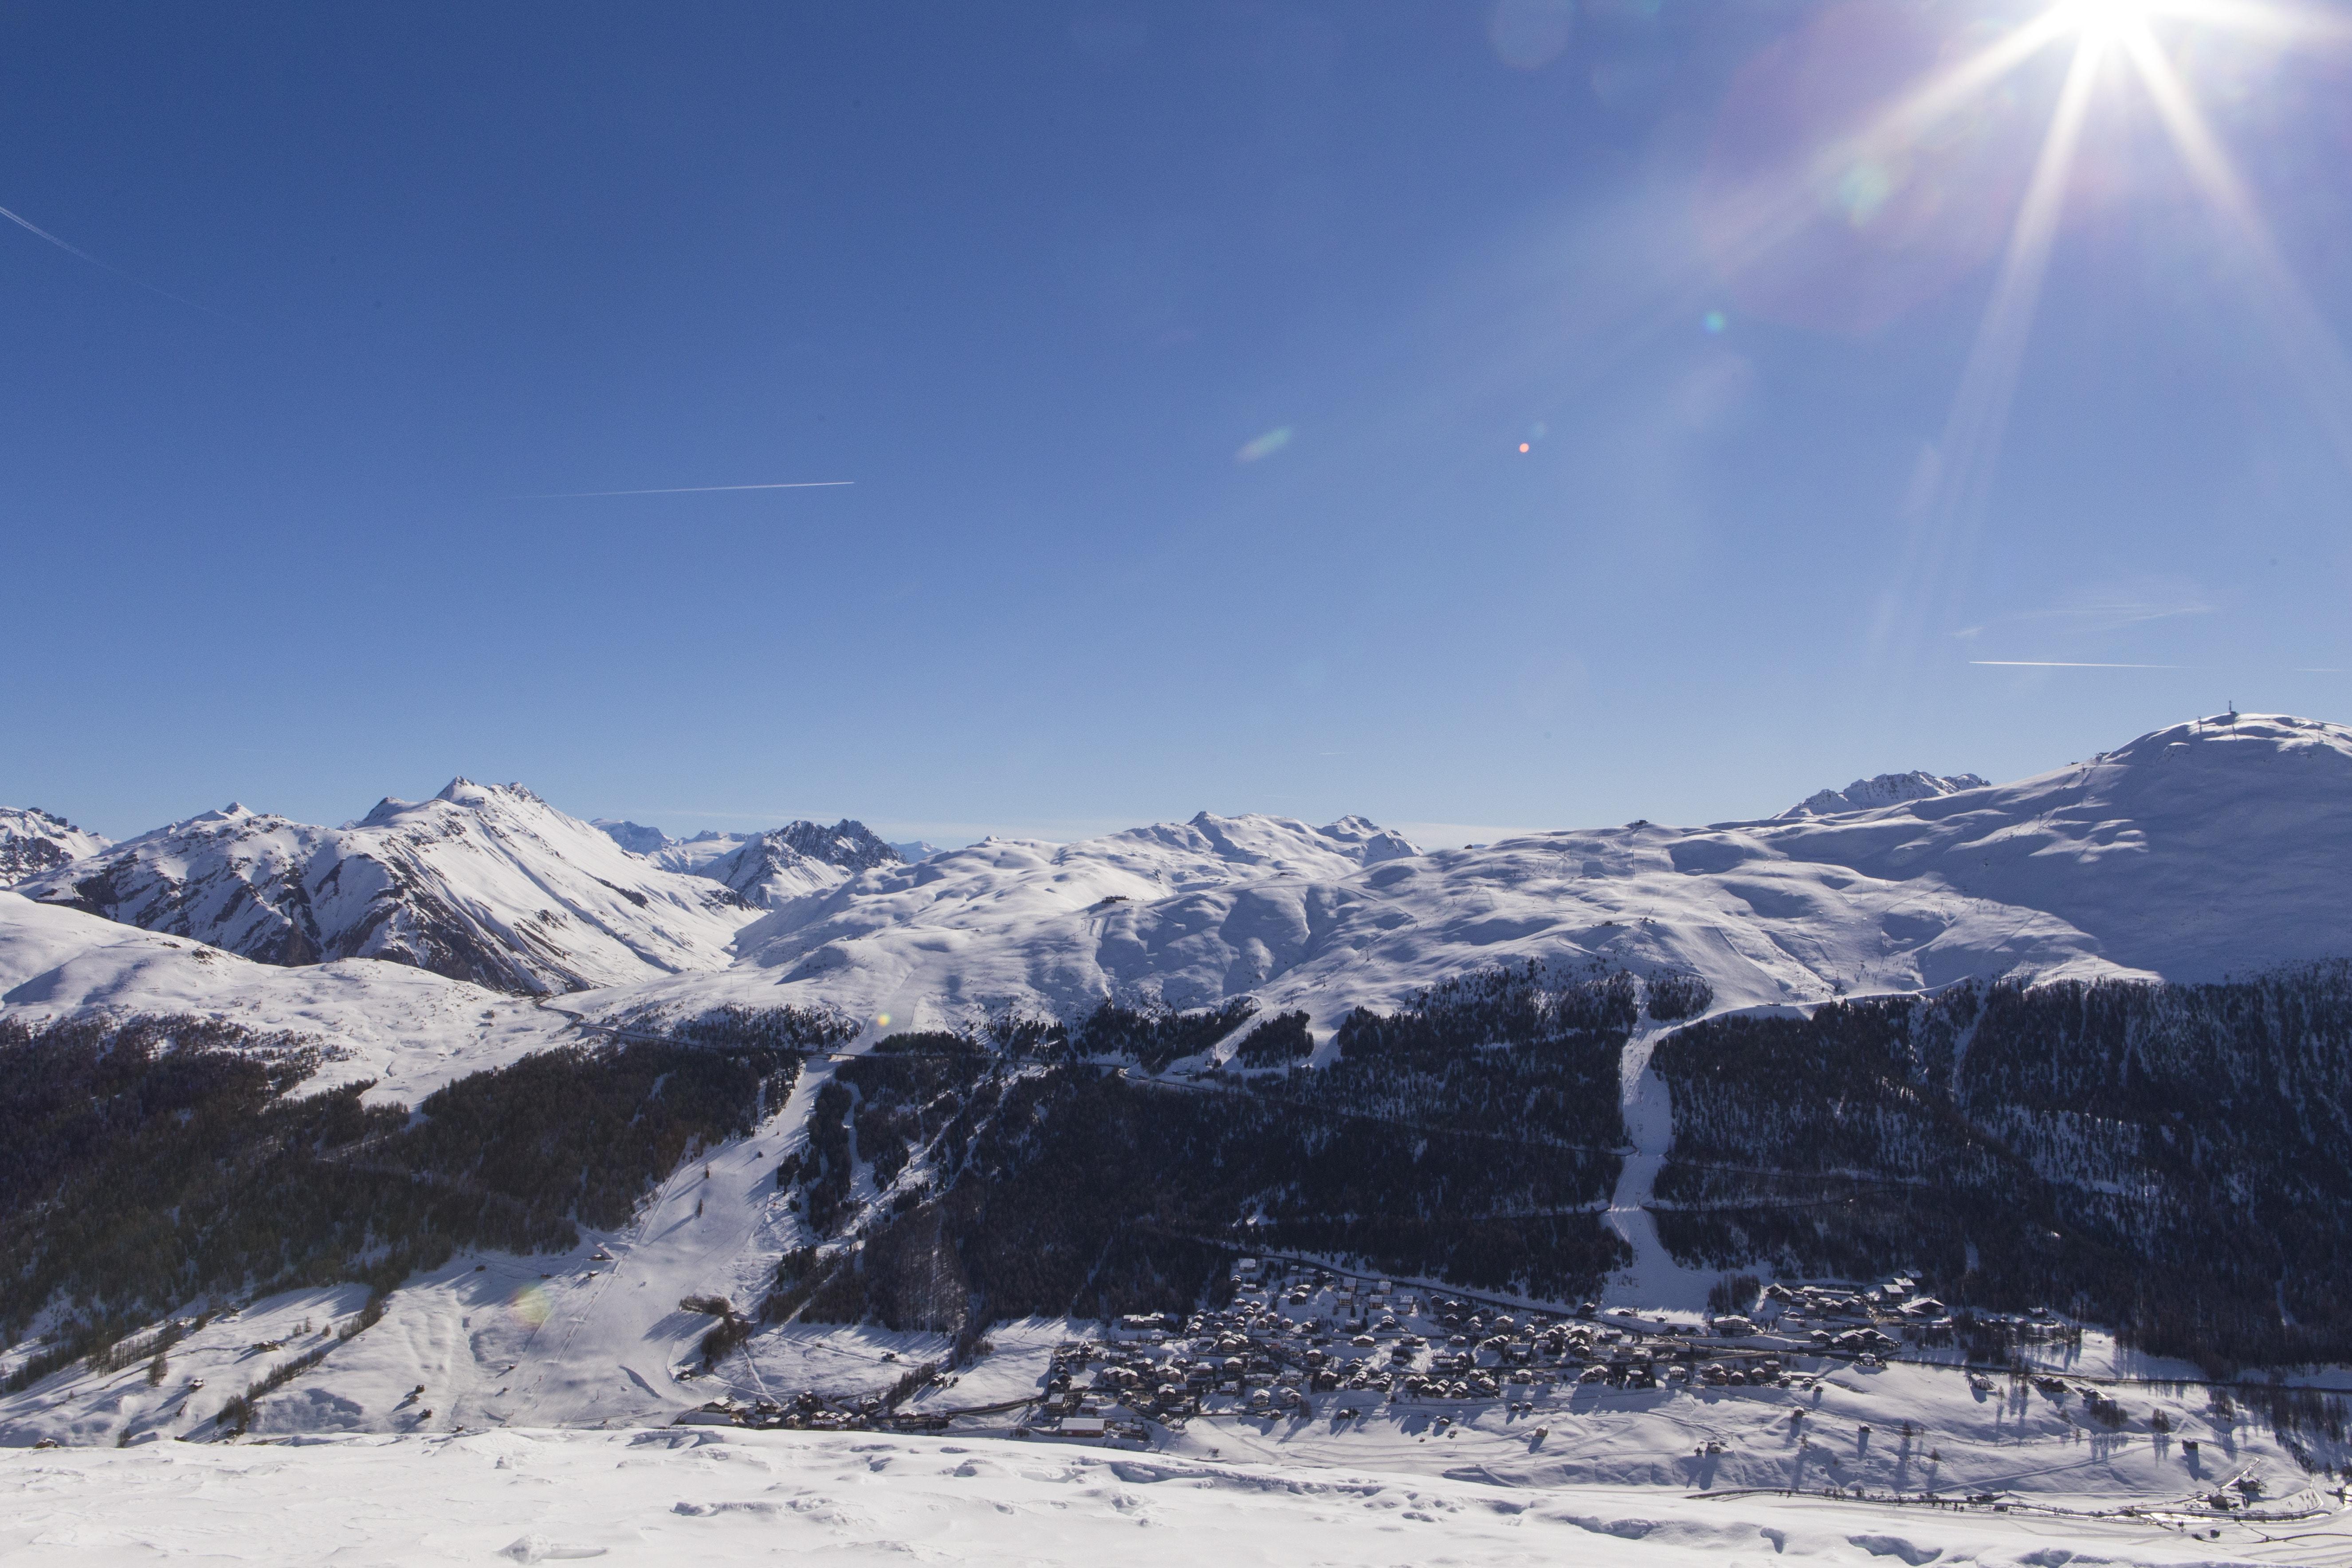 Vista mozzafiato delle Alpi di Livigno